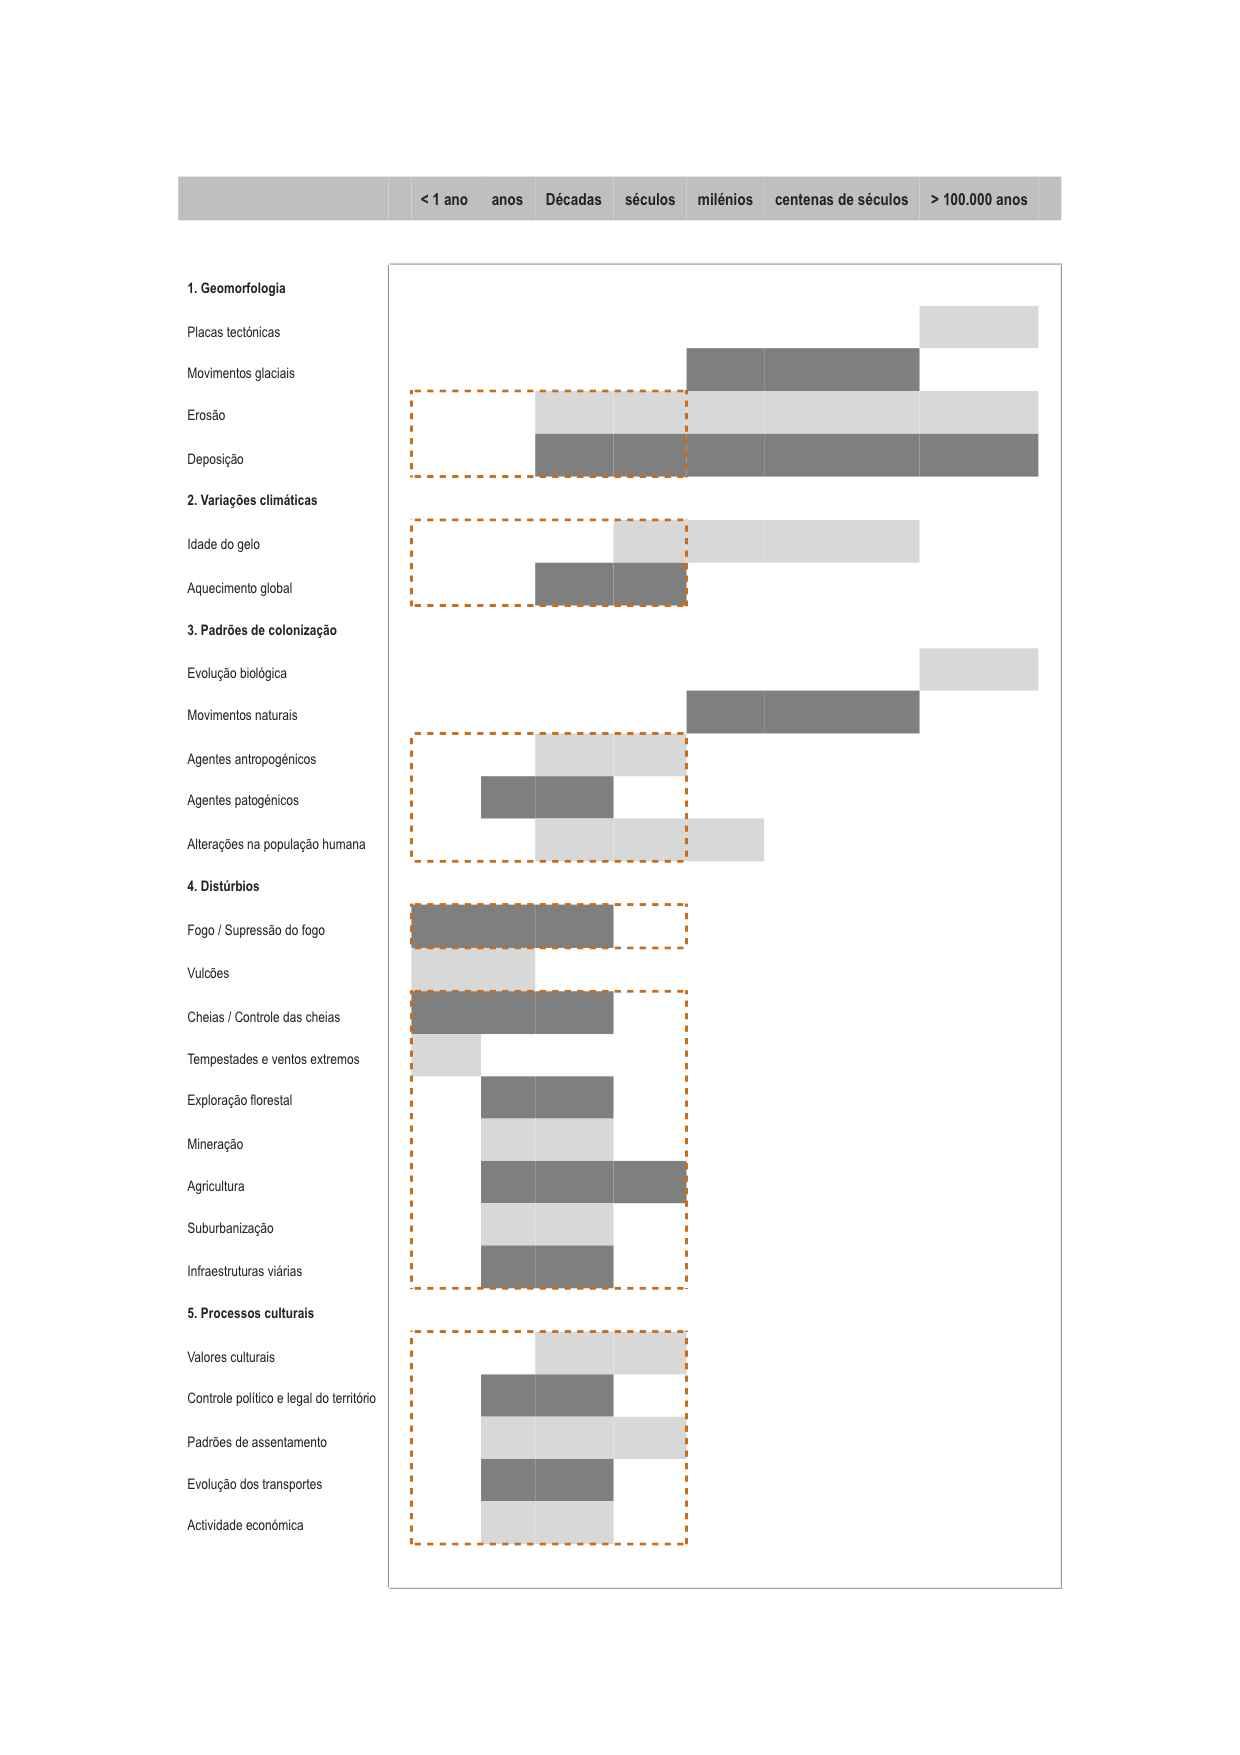 Alterações na paisagem: agentes, processos e  períodos